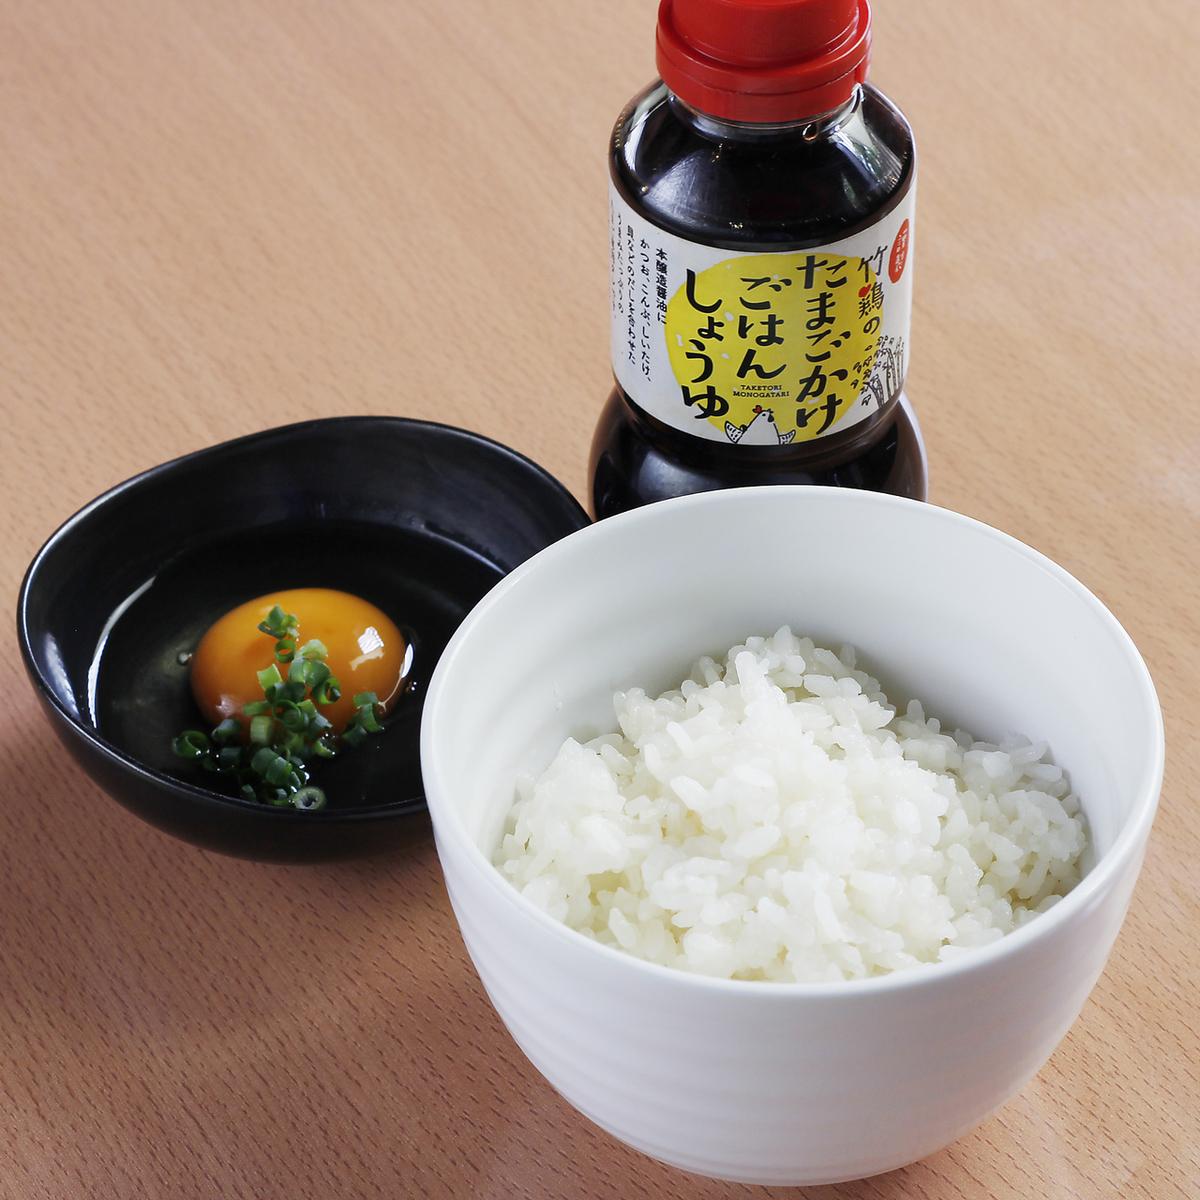 竹鶏玉子のたまごかけご飯